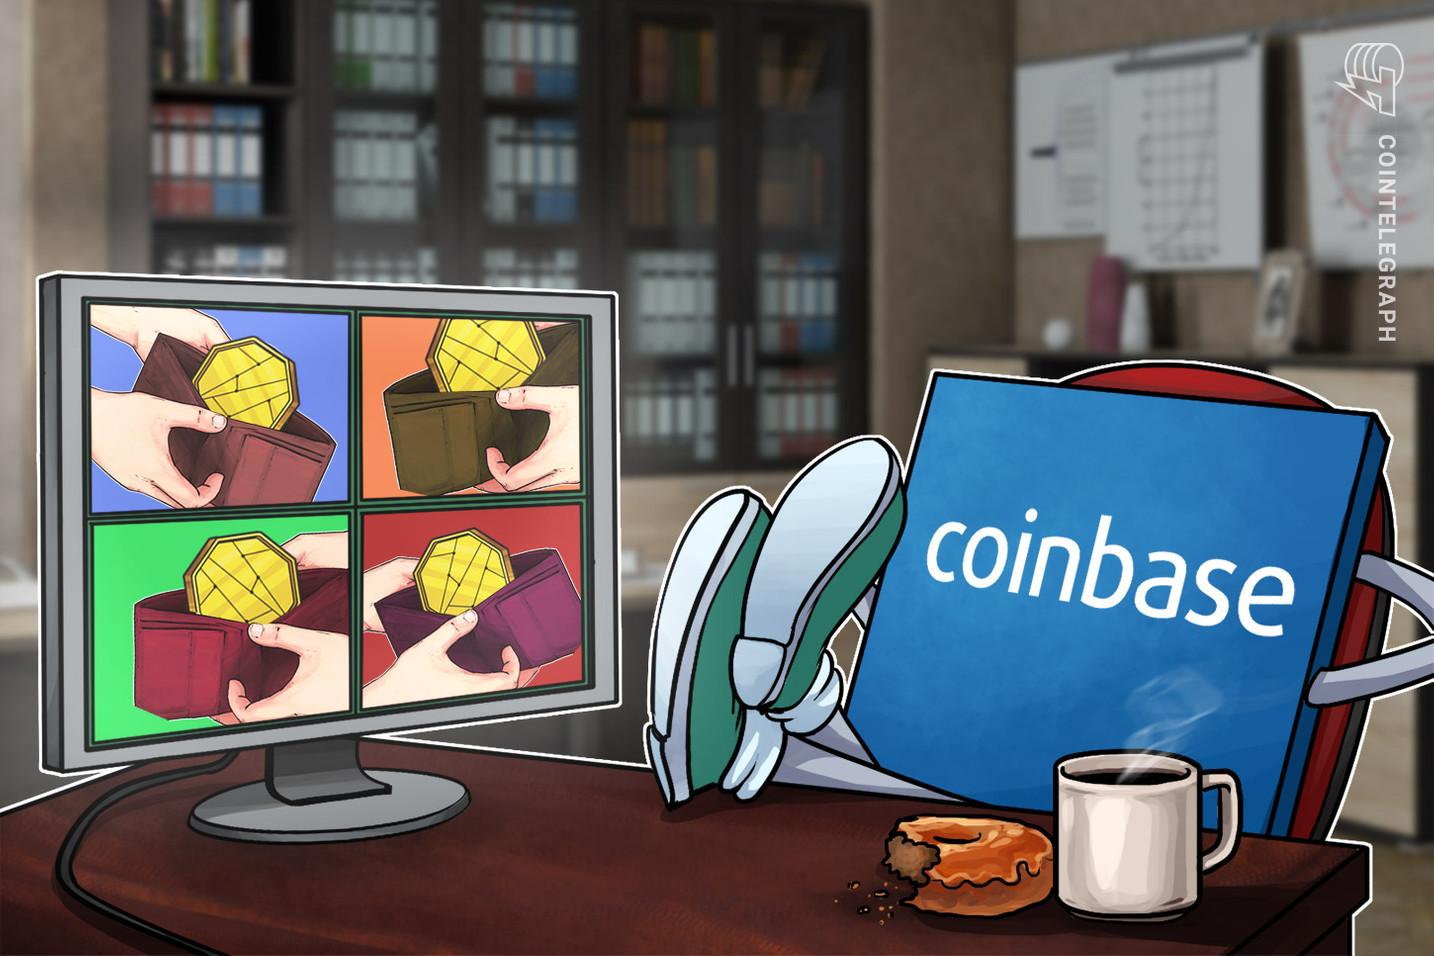 Los usuarios de Coinbase ahora pueden retirar BSV a sus billeteras externas